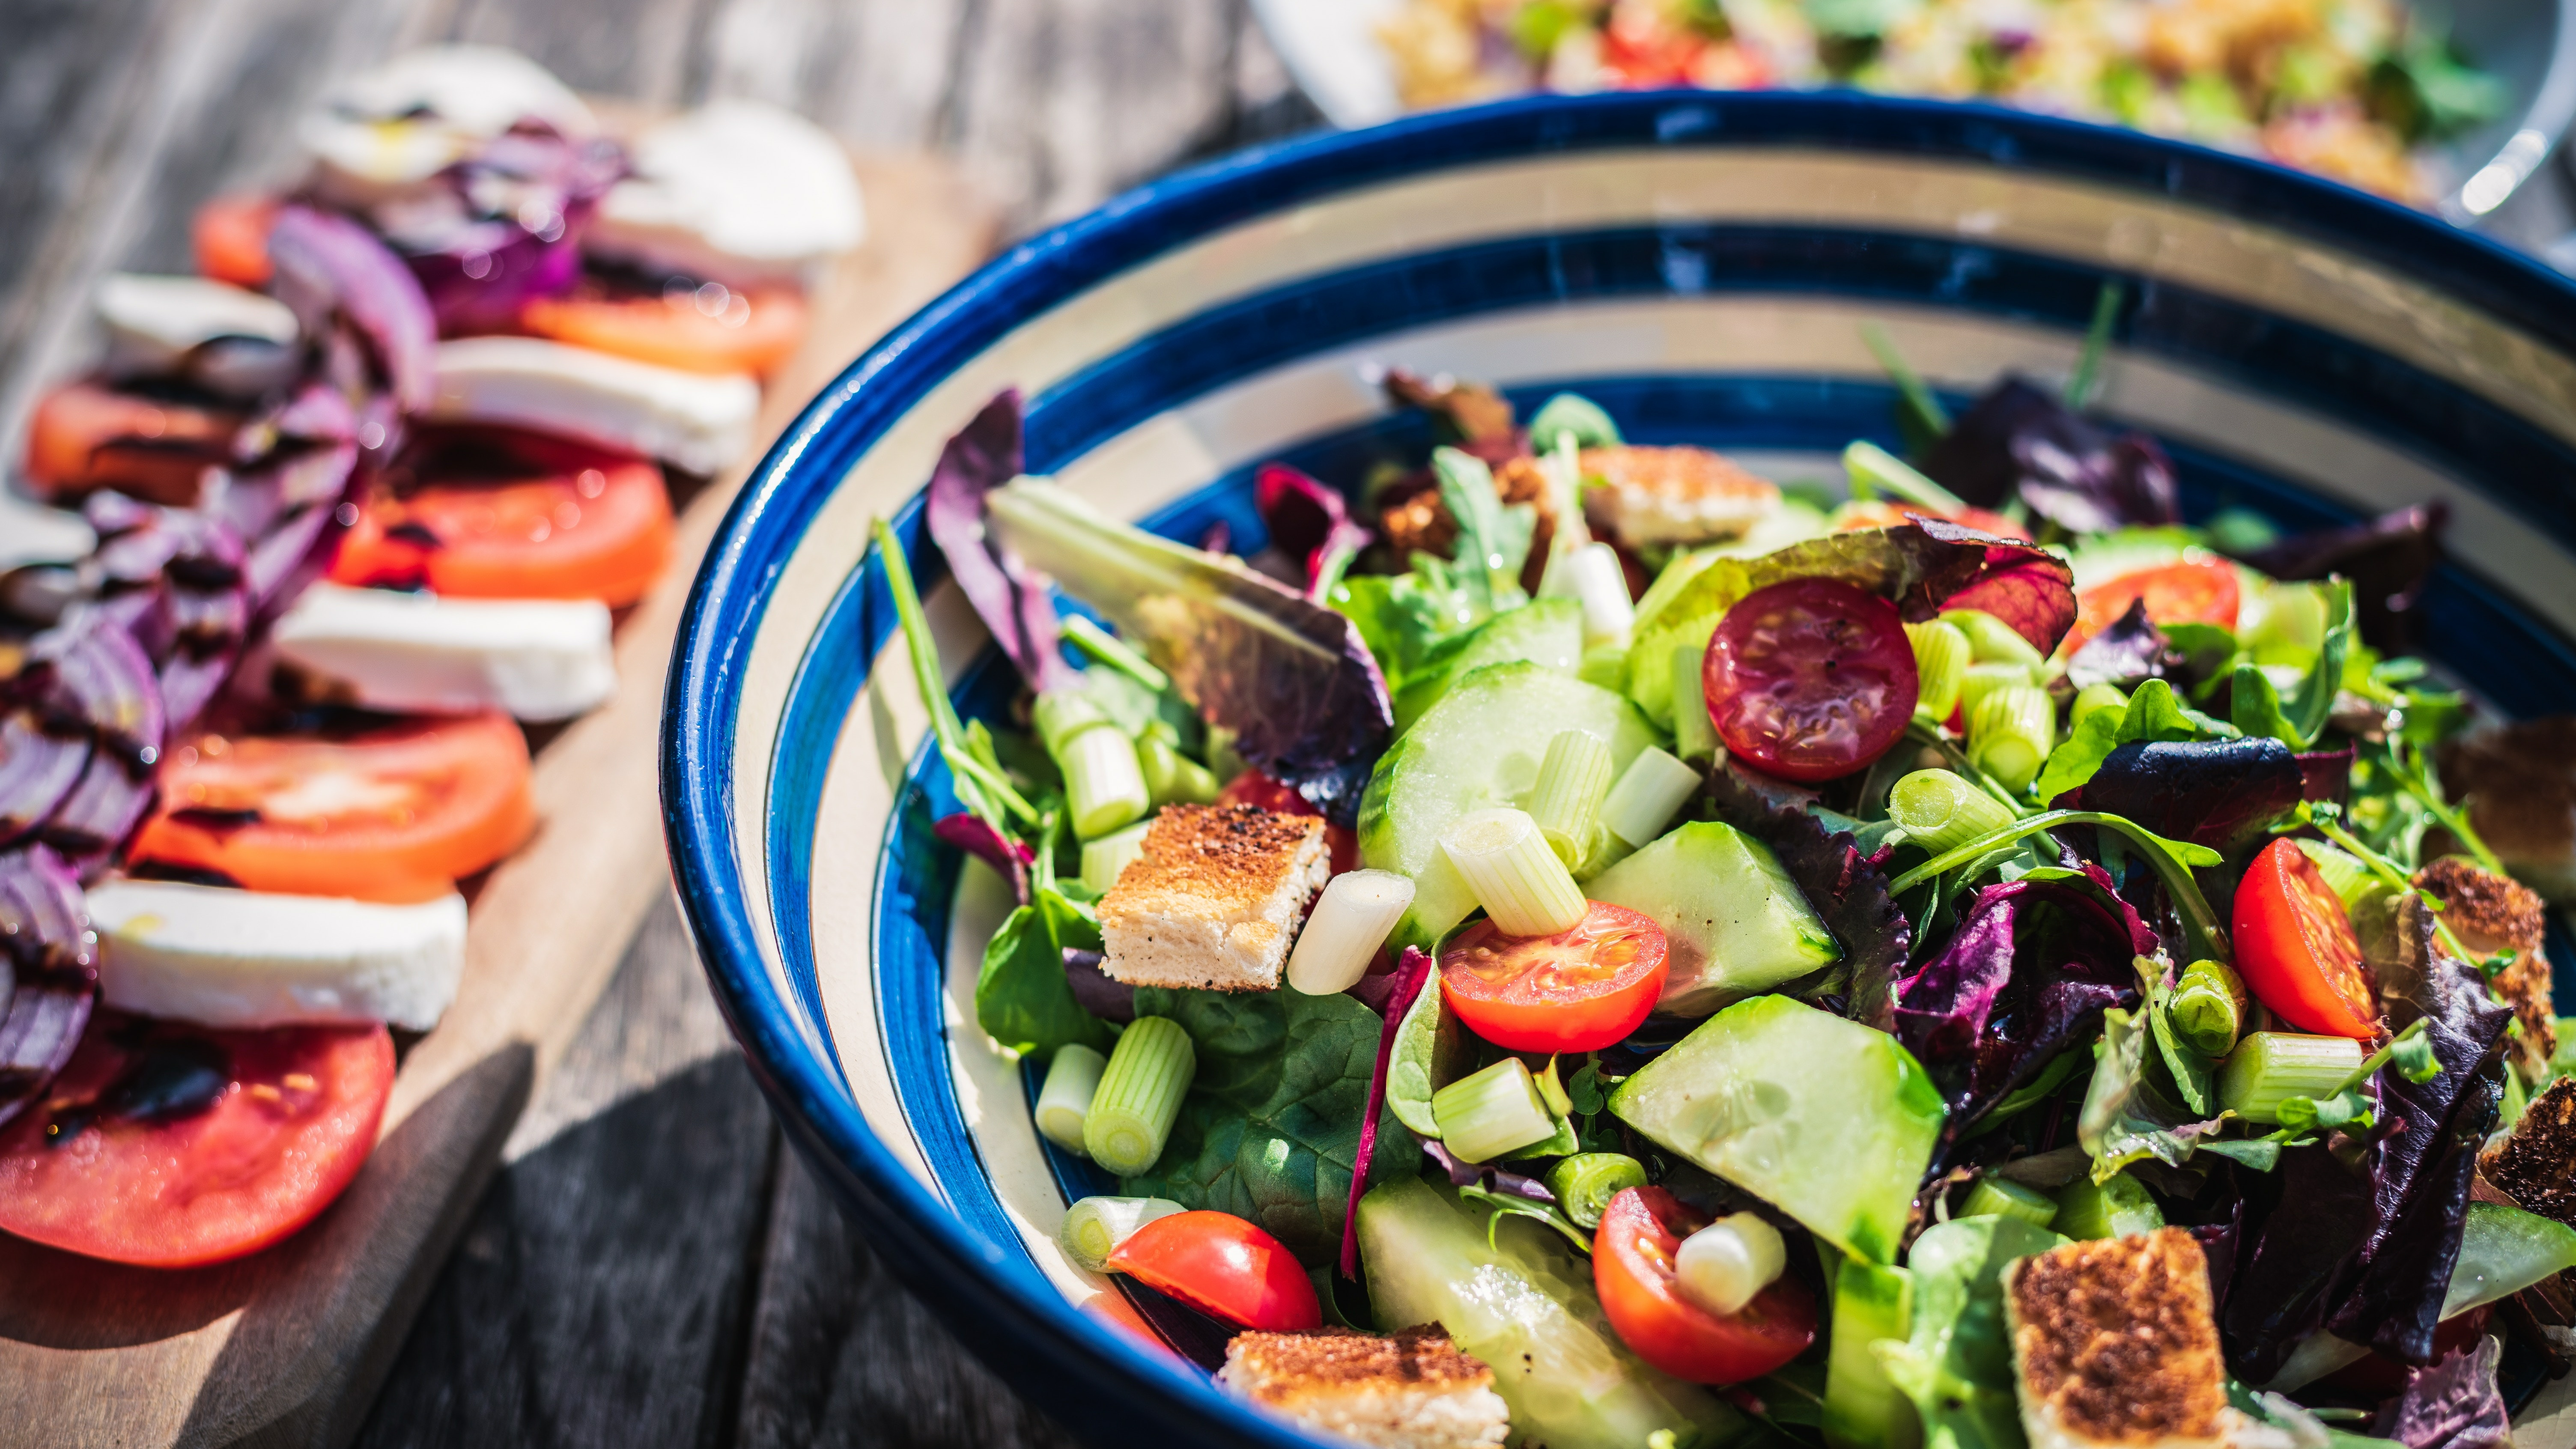 Gesunde Ernährung: Eine blau weiß gestreifte Schüssel mit Salat, daneben ein Brettchen mit Tomate und Mozzarella-Scheiben